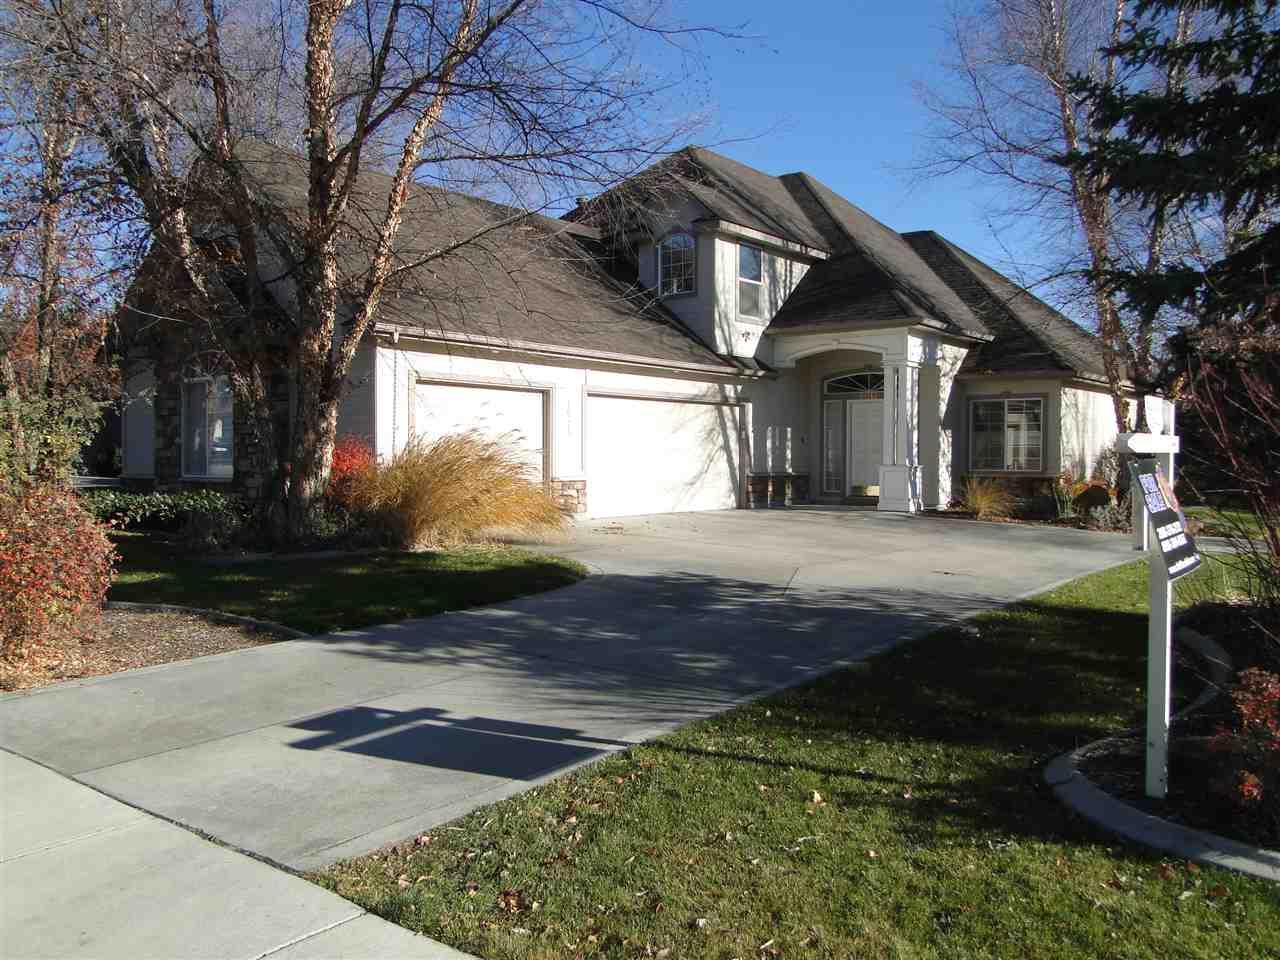 10213 W Lariat Dr, Boise, ID 83714